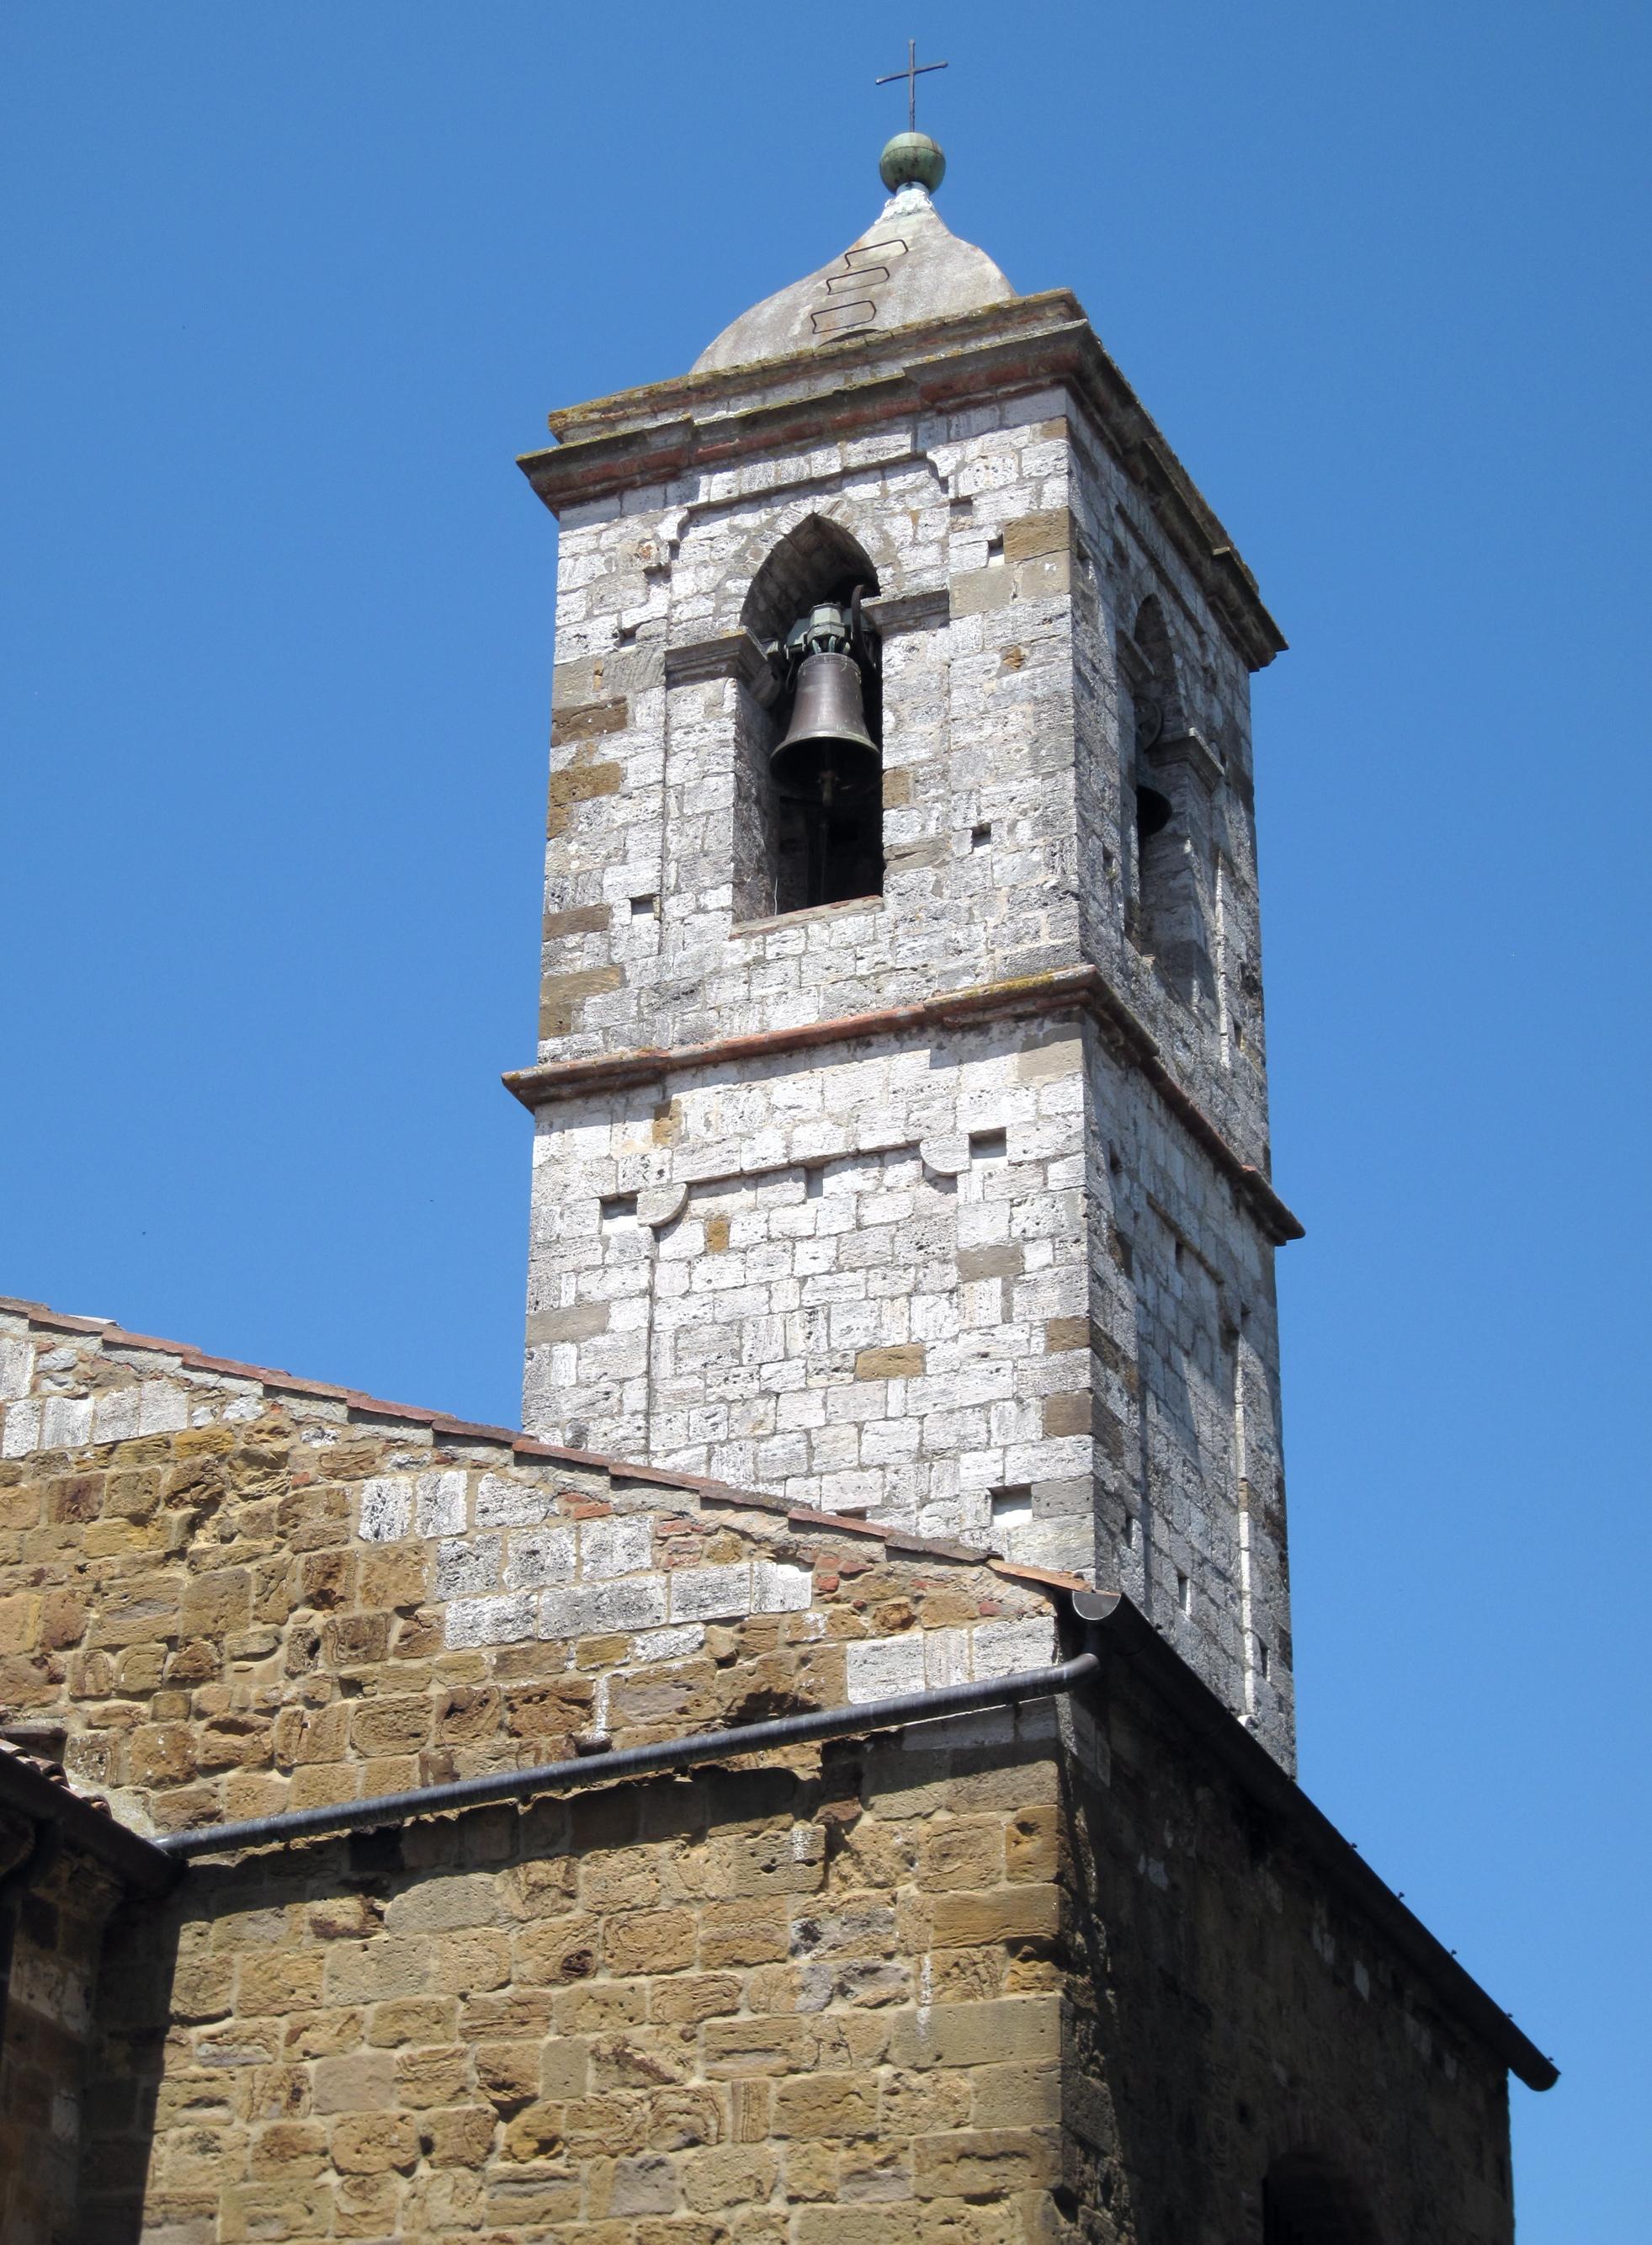 Campanile della chiesa dei Santi Pietro e Andrea, Trequanda